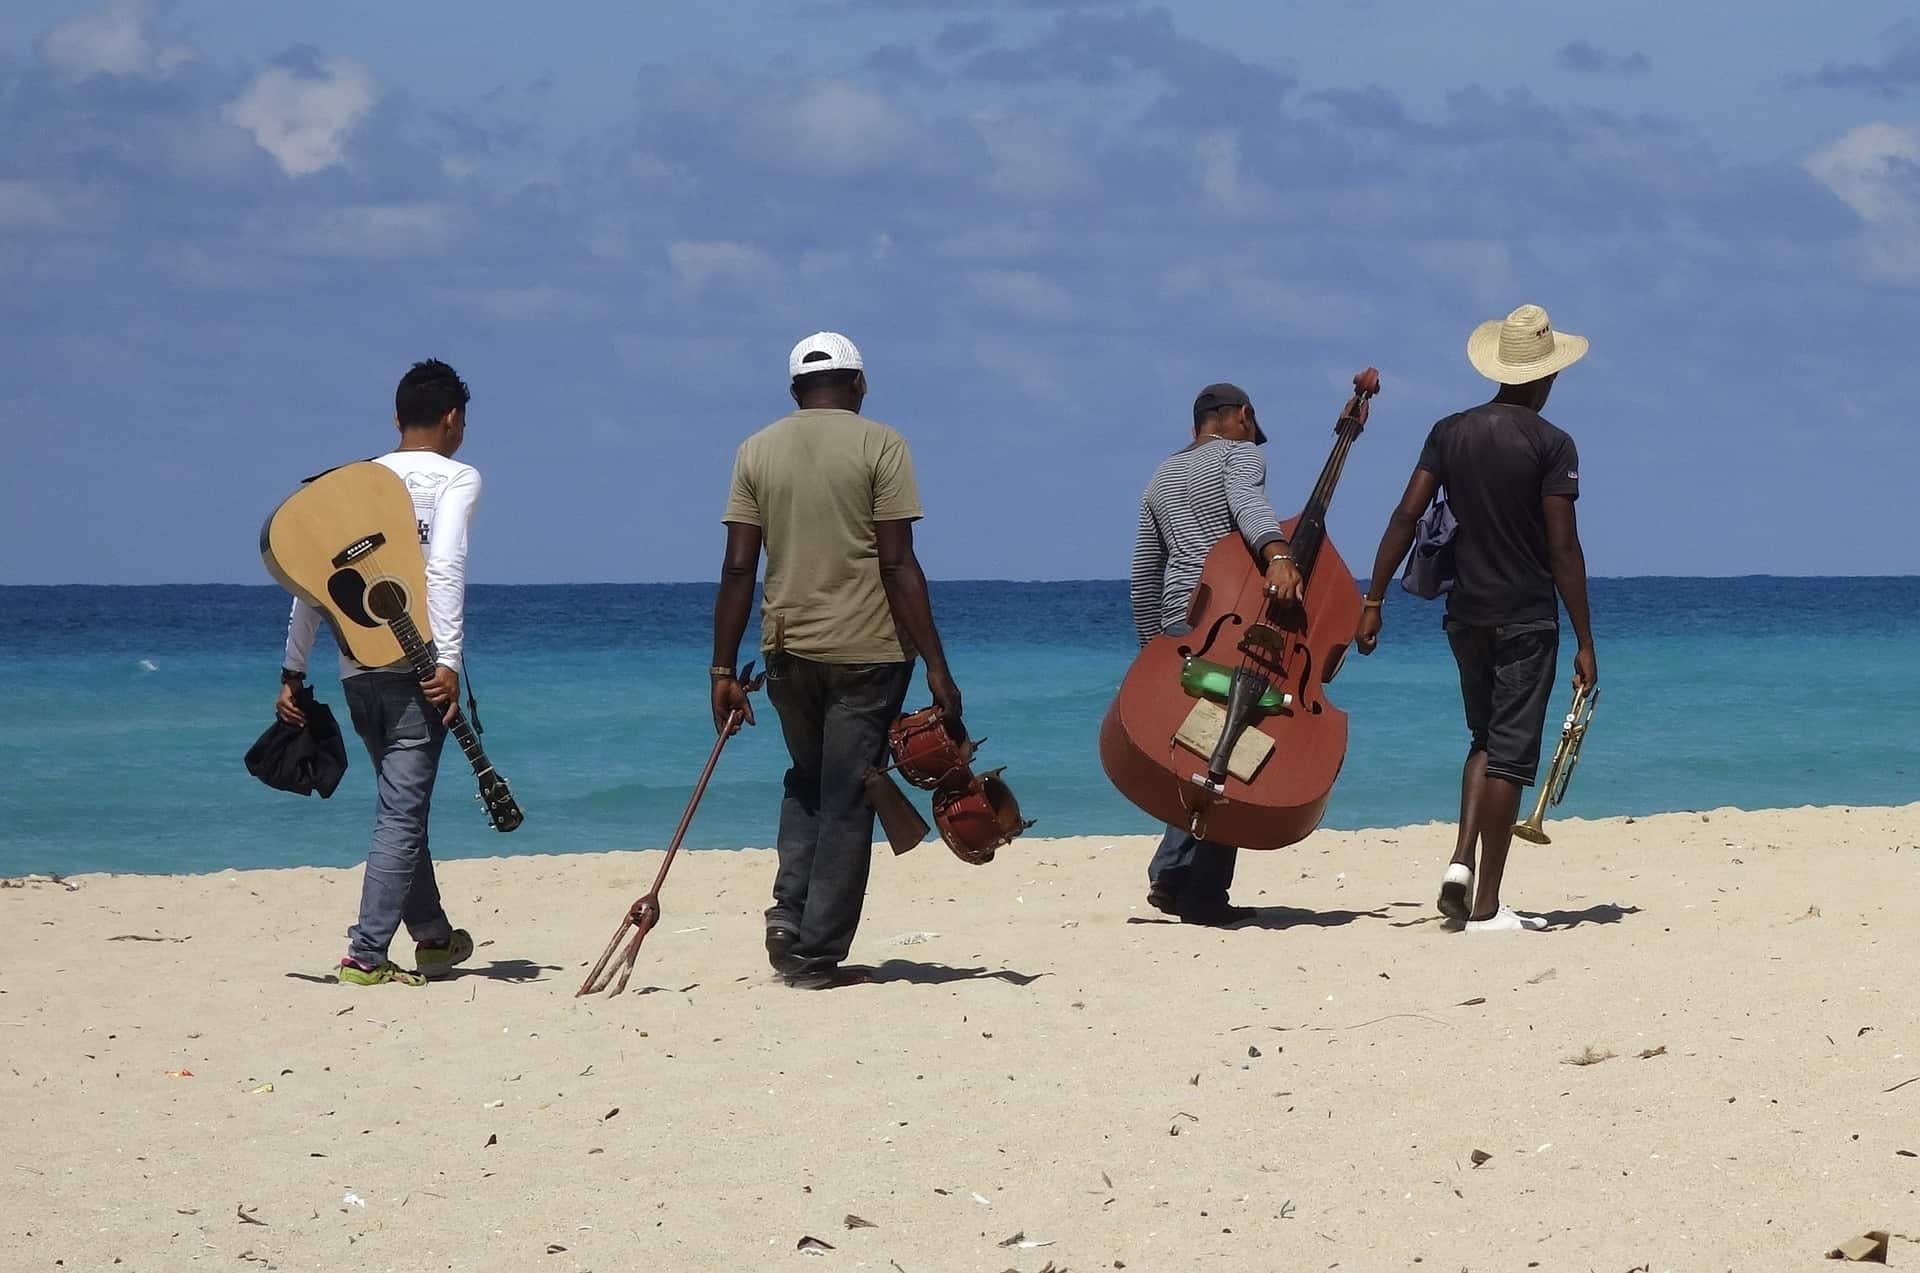 Selbst an den Stadtstränden findet Ihr Musiker die einem den Tag versüßen